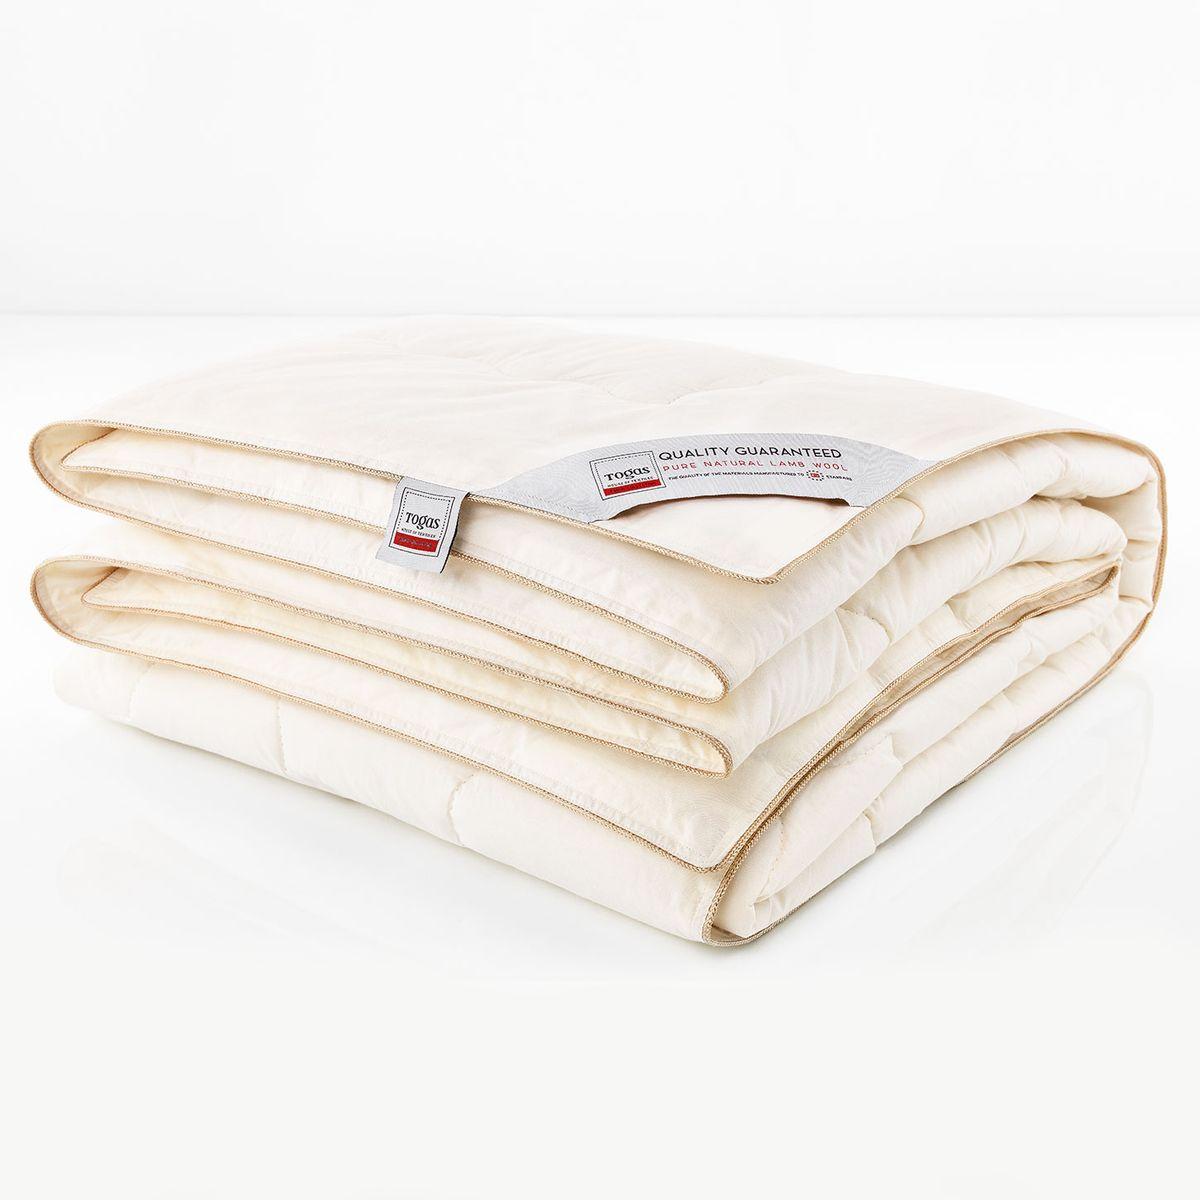 """Одеяло Прима овечья шерсть в сатине, 140 х 200 см. 20.04.17.0010S03301004Шерсть способна создавать сухое тепло. Такие одеяла по-настоящему """"дышат"""": между шерстяными волокнами постоянно циркулирует воздух, который помогает выводить лишнее тепло и влагу, создавая идеальный микроклимат во время сна. Овечьи одеяла очень износостойки, неприхотливы и просты в уходе, - они прослужат вам долгие годы, не потеряв своей формы и удивительных свойств."""